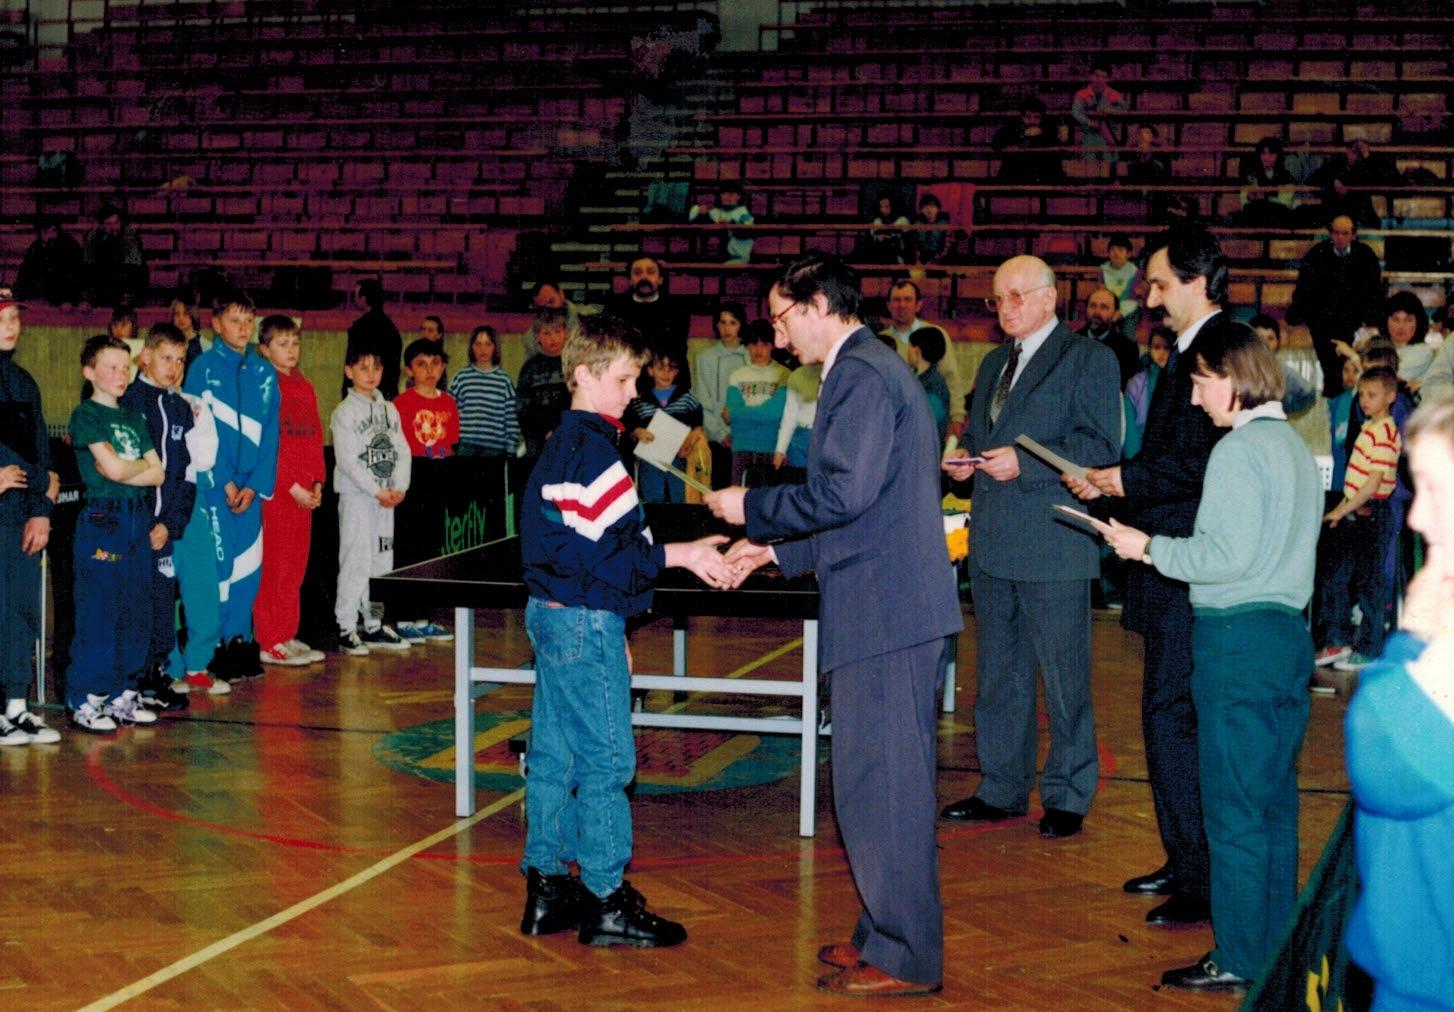 Mistrzostwa Polski w Tenisie Stołowym - Olkusz 1996